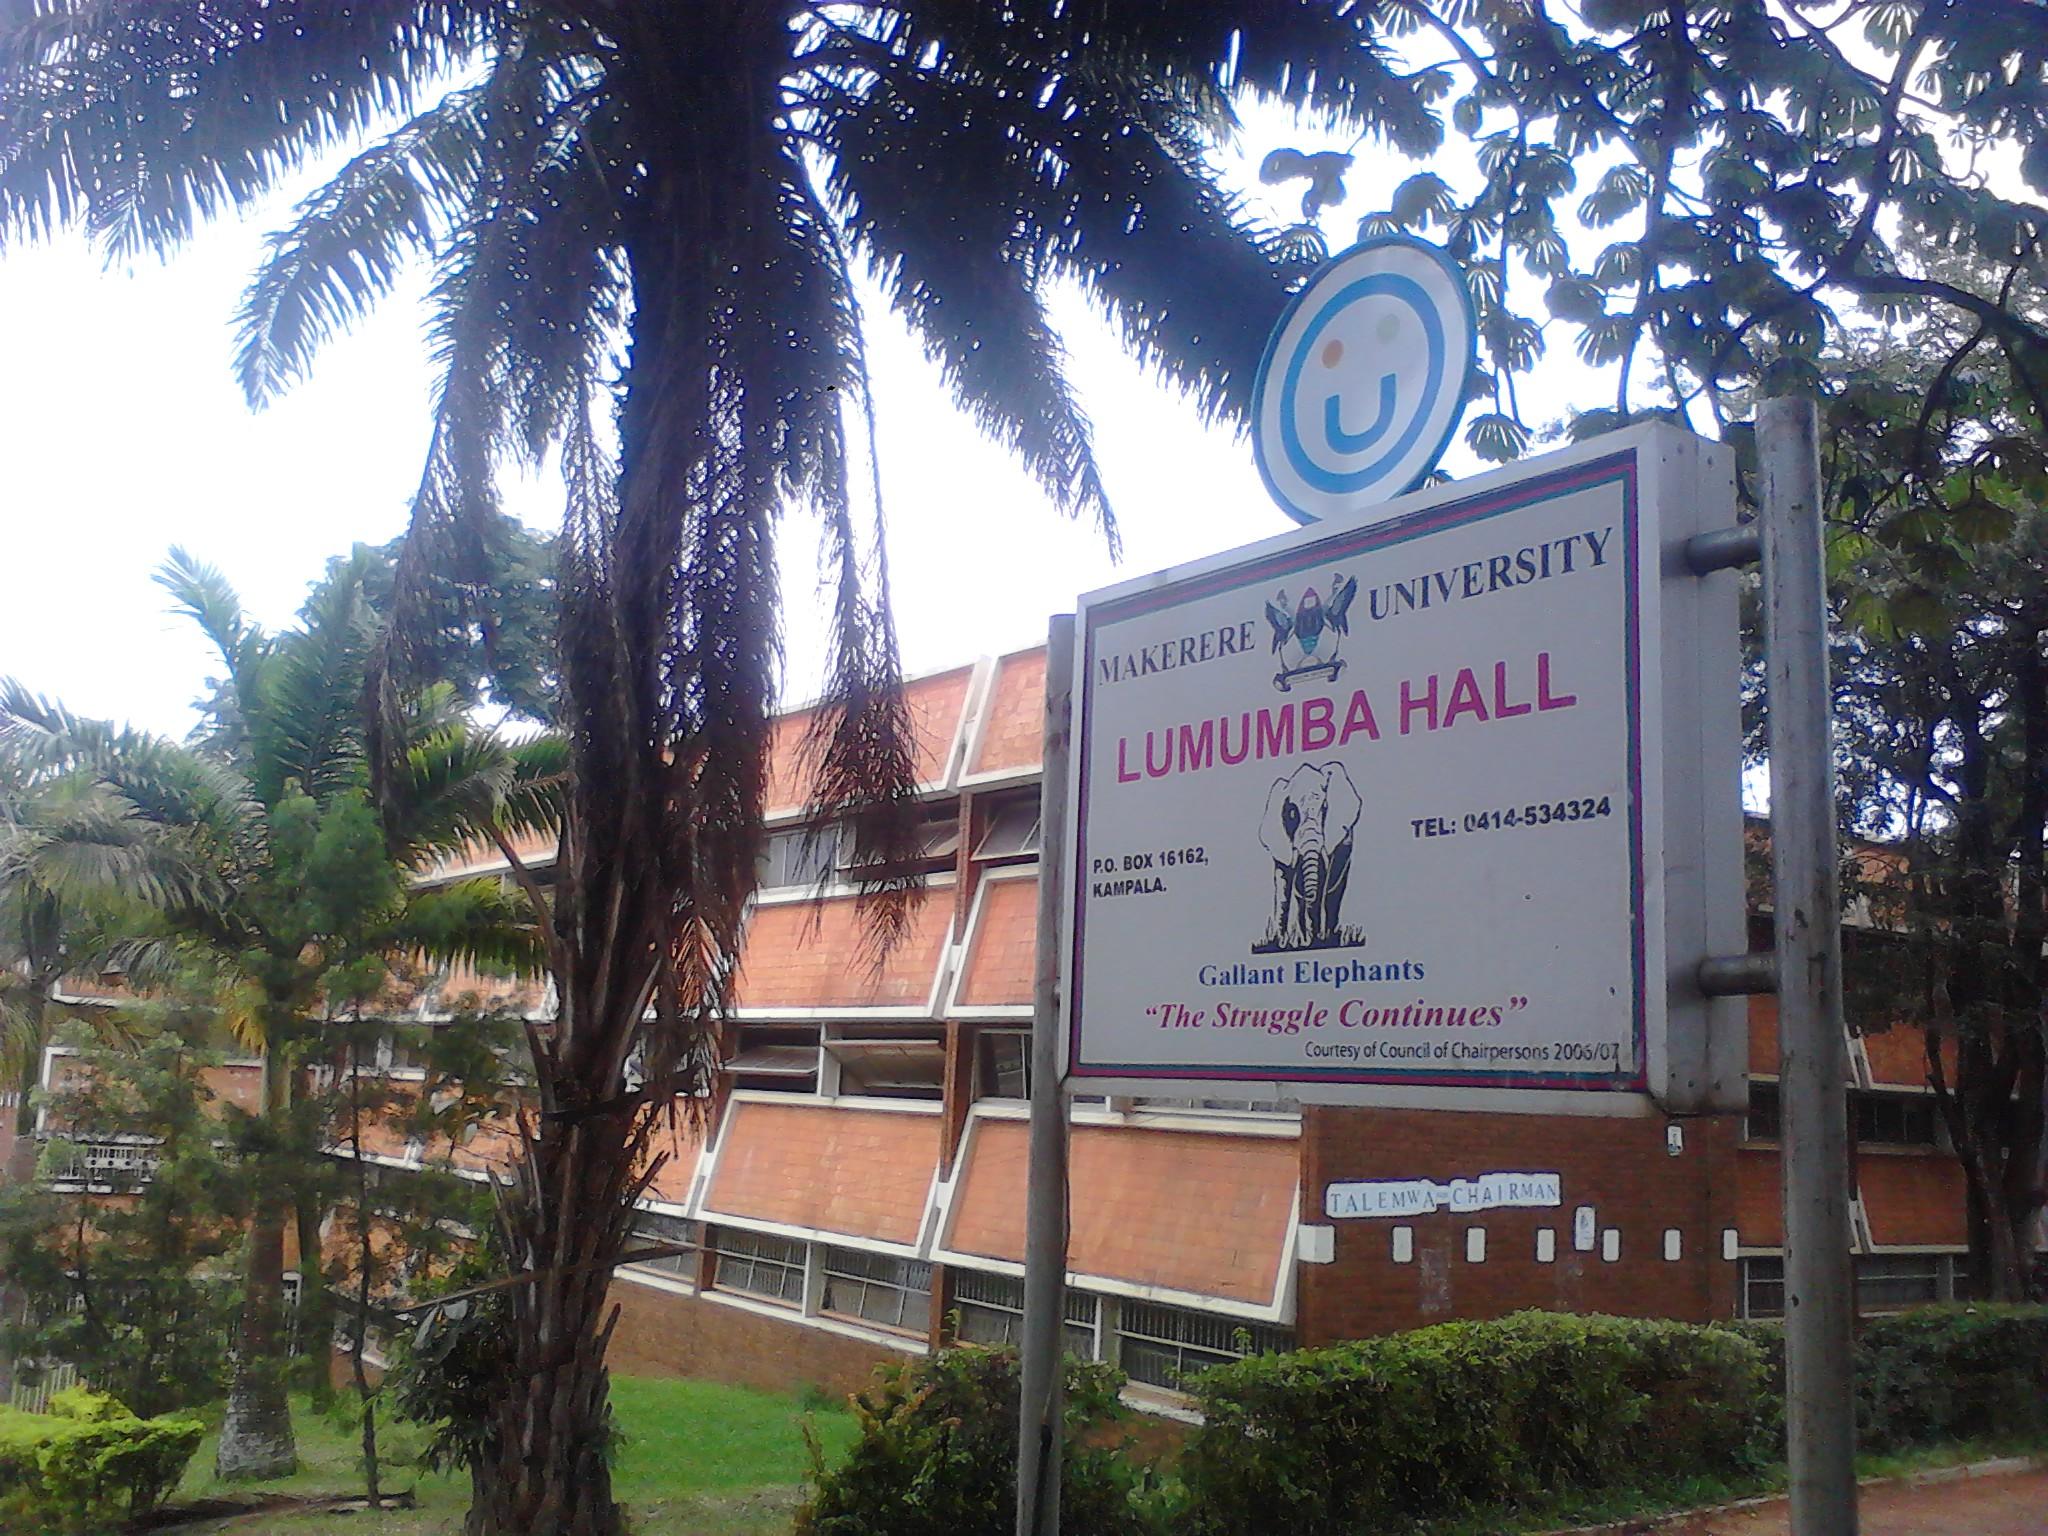 Lumumba Hall